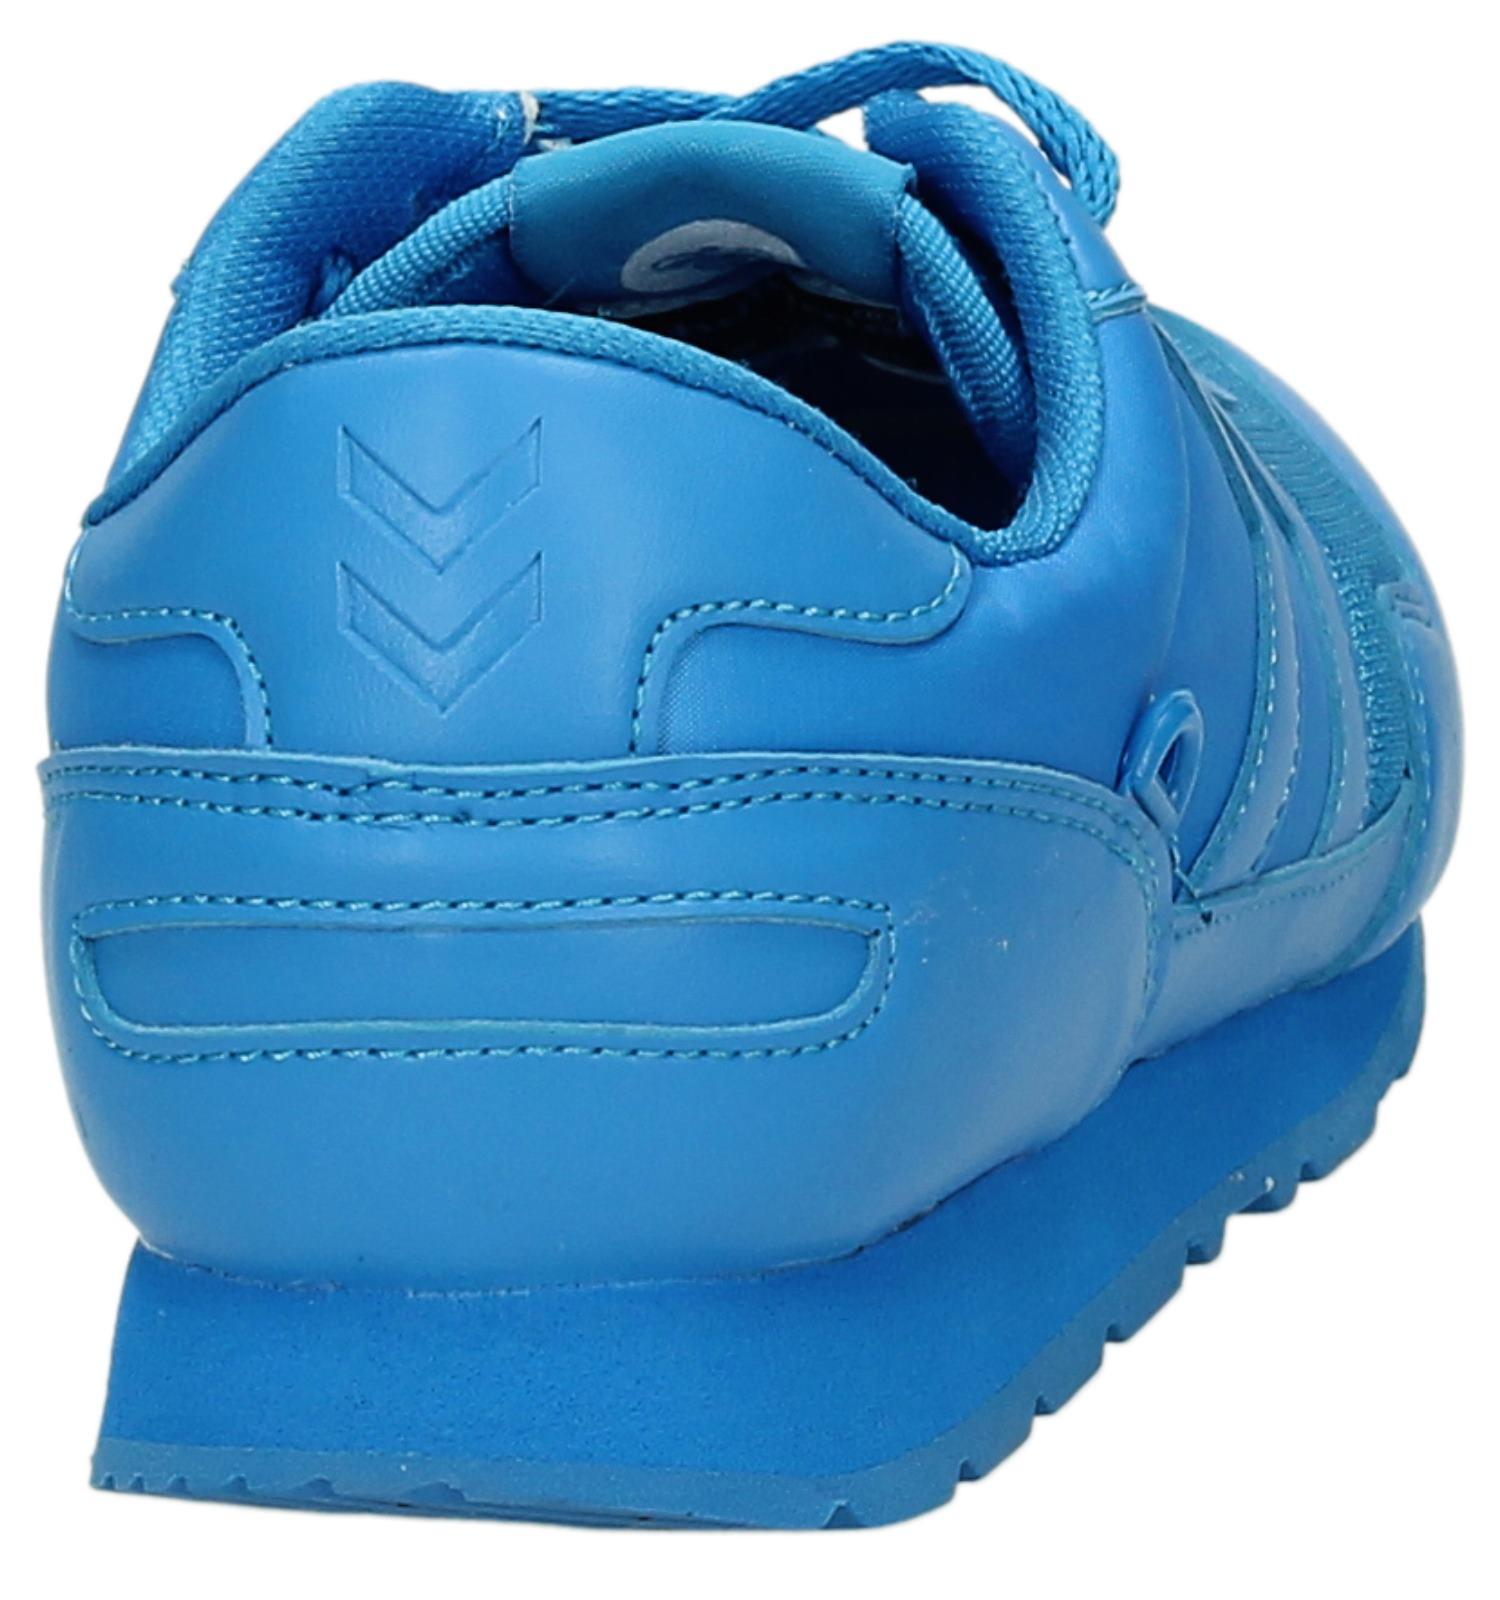 Sneakers Blauwe Hummel Blauwe Blauwe Sneakers Hummel Sneakers Blauwe Sneakers Hummel Hummel Blauwe Sneakers Hummel k0O8nwP